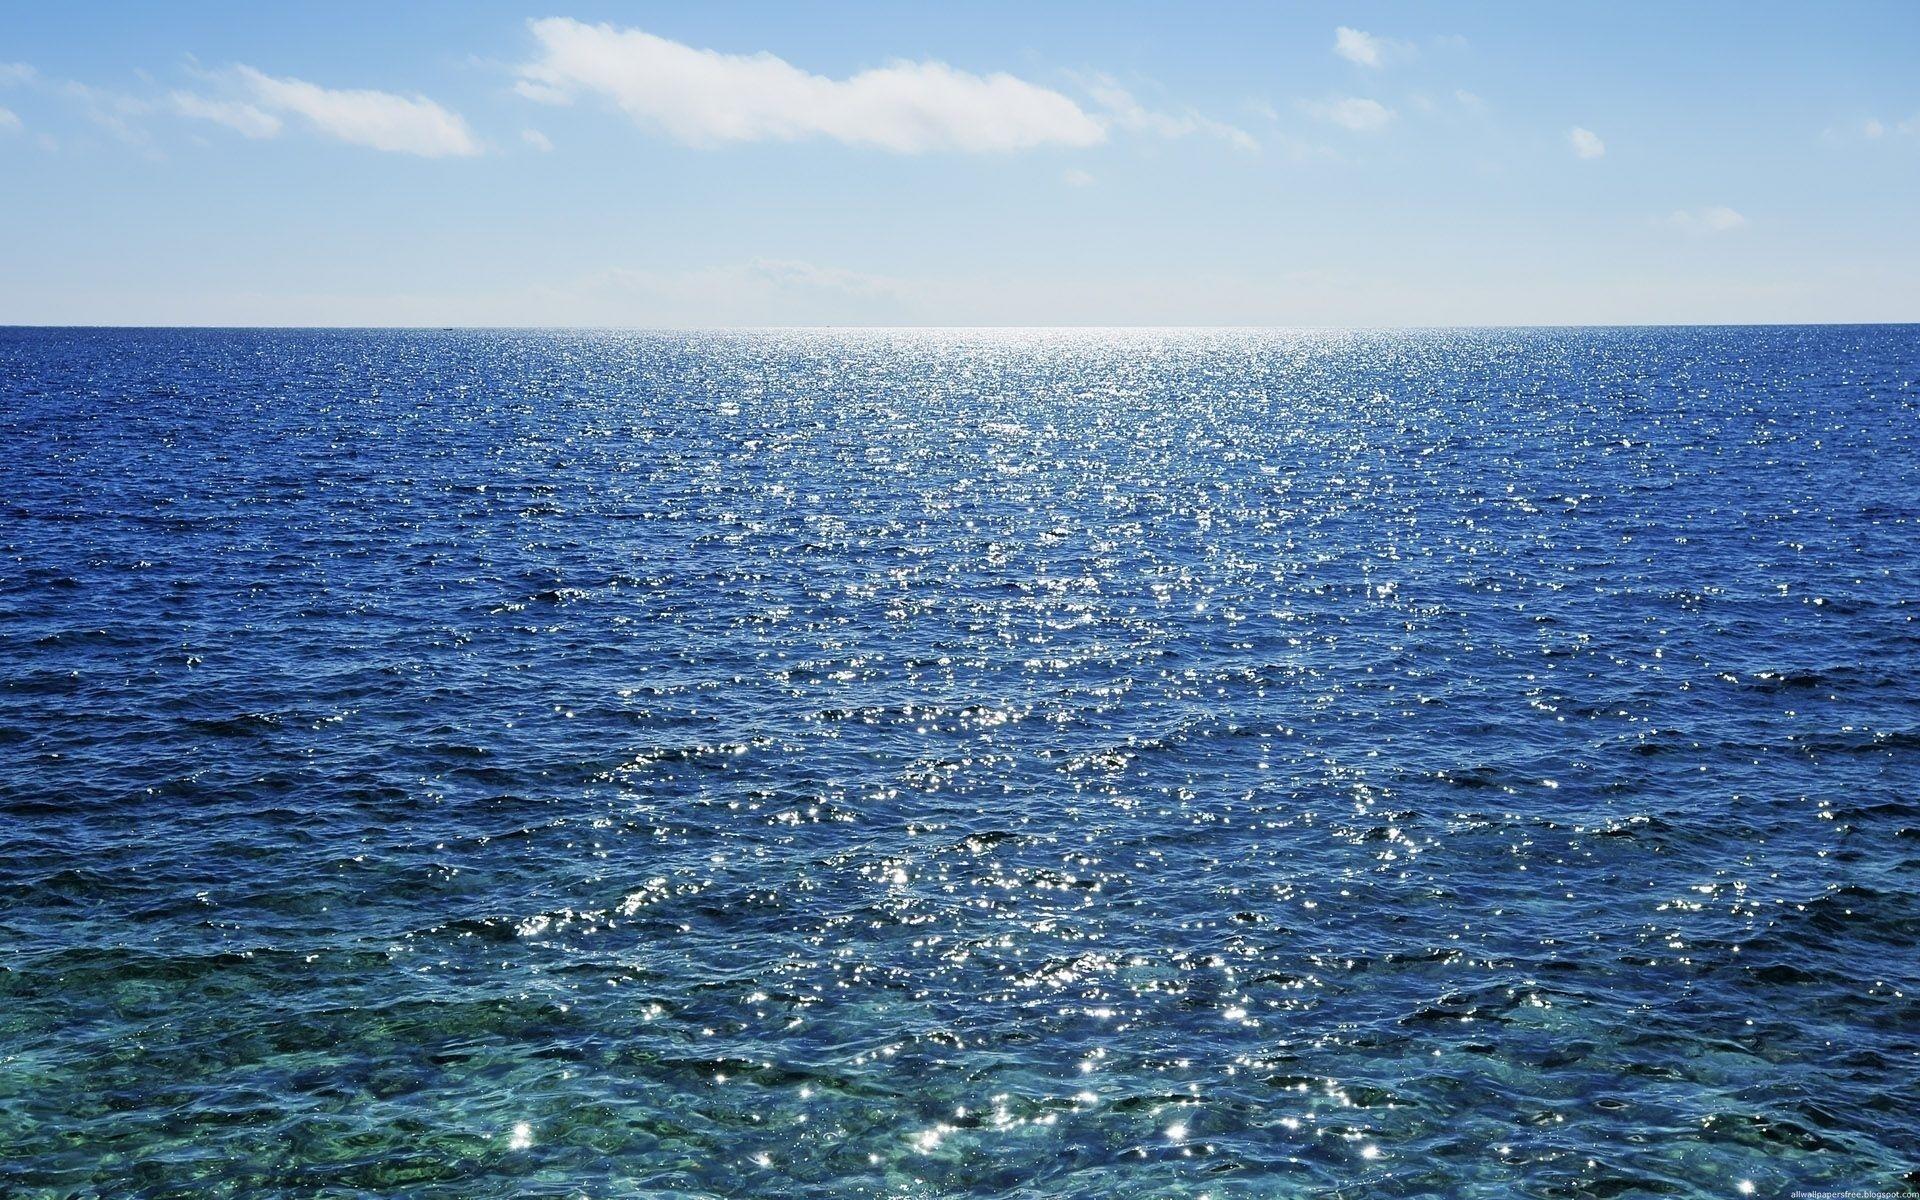 21977 завантажити шпалери Пейзаж, Море, Хмари - заставки і картинки безкоштовно